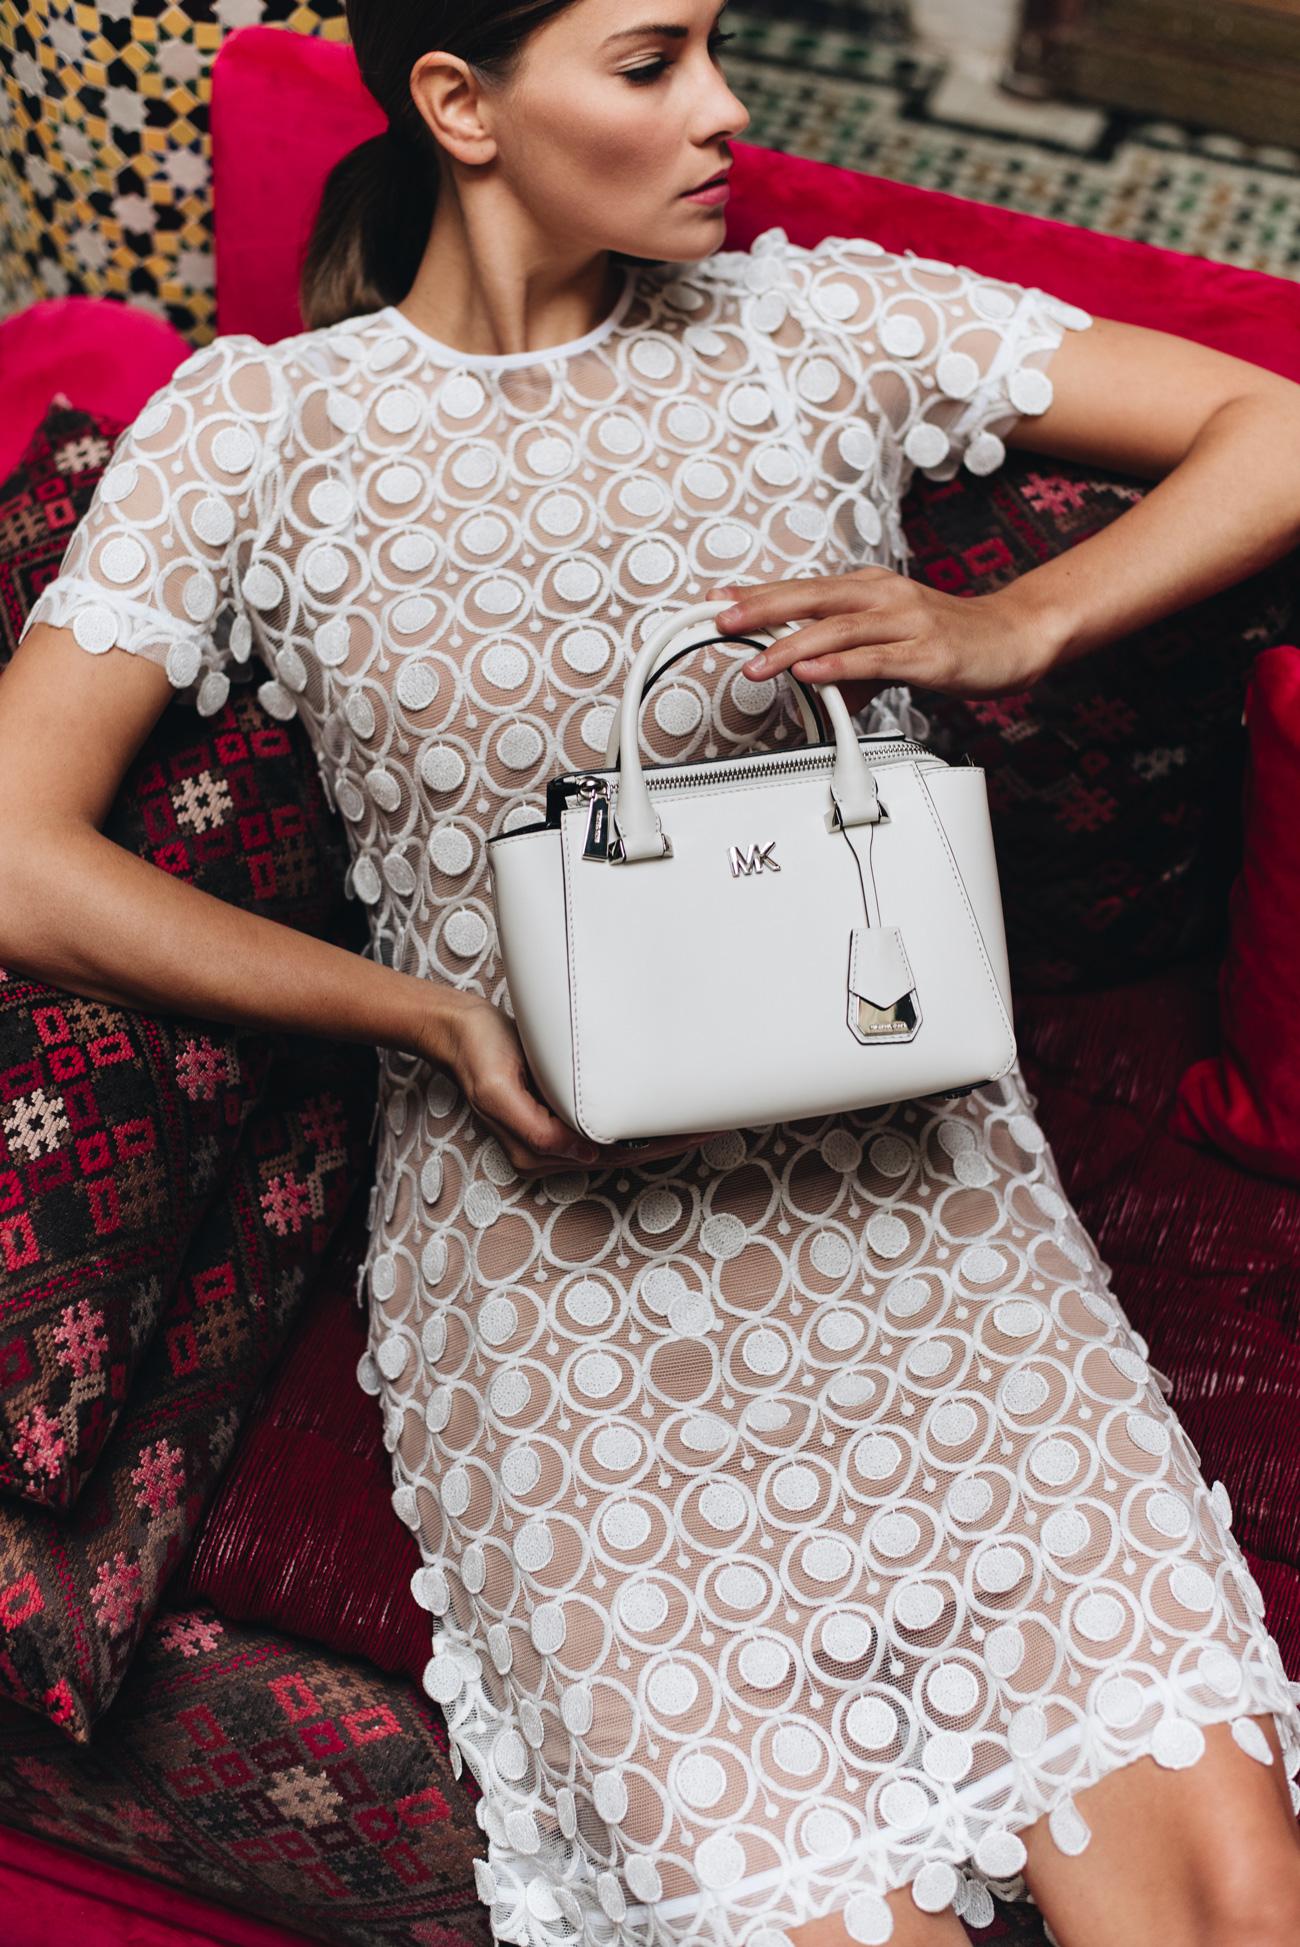 Spitzenkleid-weißes-sommerkleid-michael-kors-nolita-handtasche-weiß-nina-schwichtenberg-fashiioncarpet